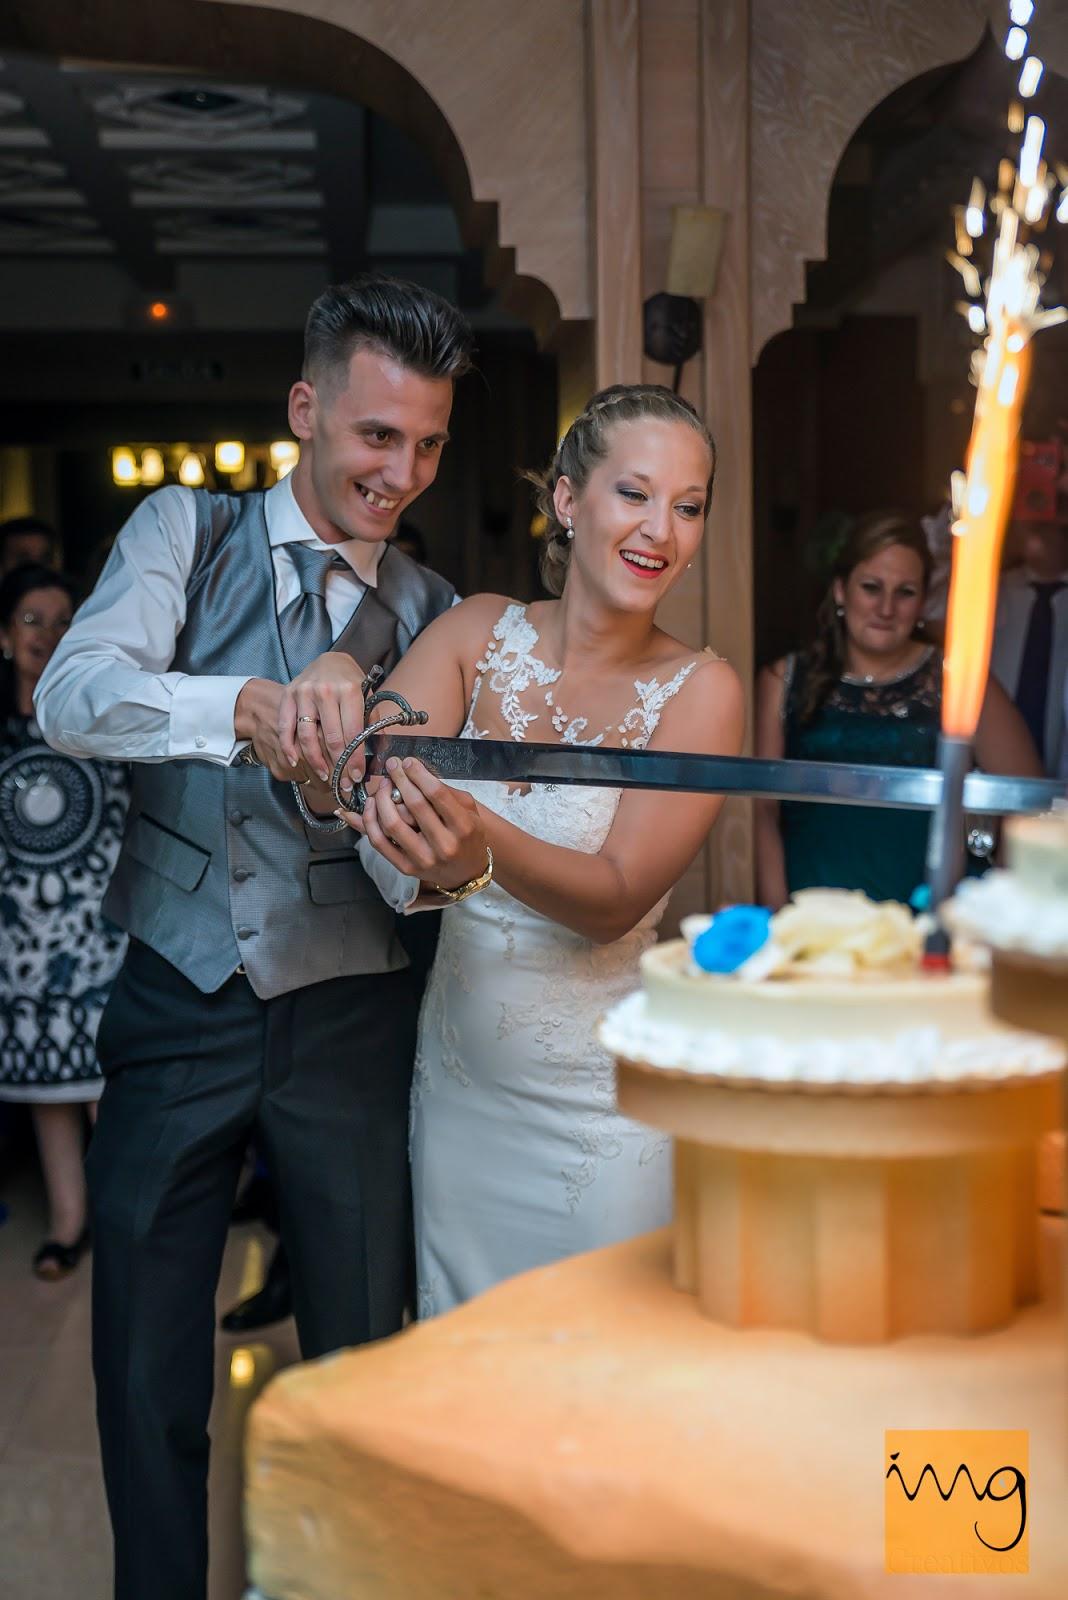 Fotografía de los novios haciendo el honor de cortar la tarta de boda